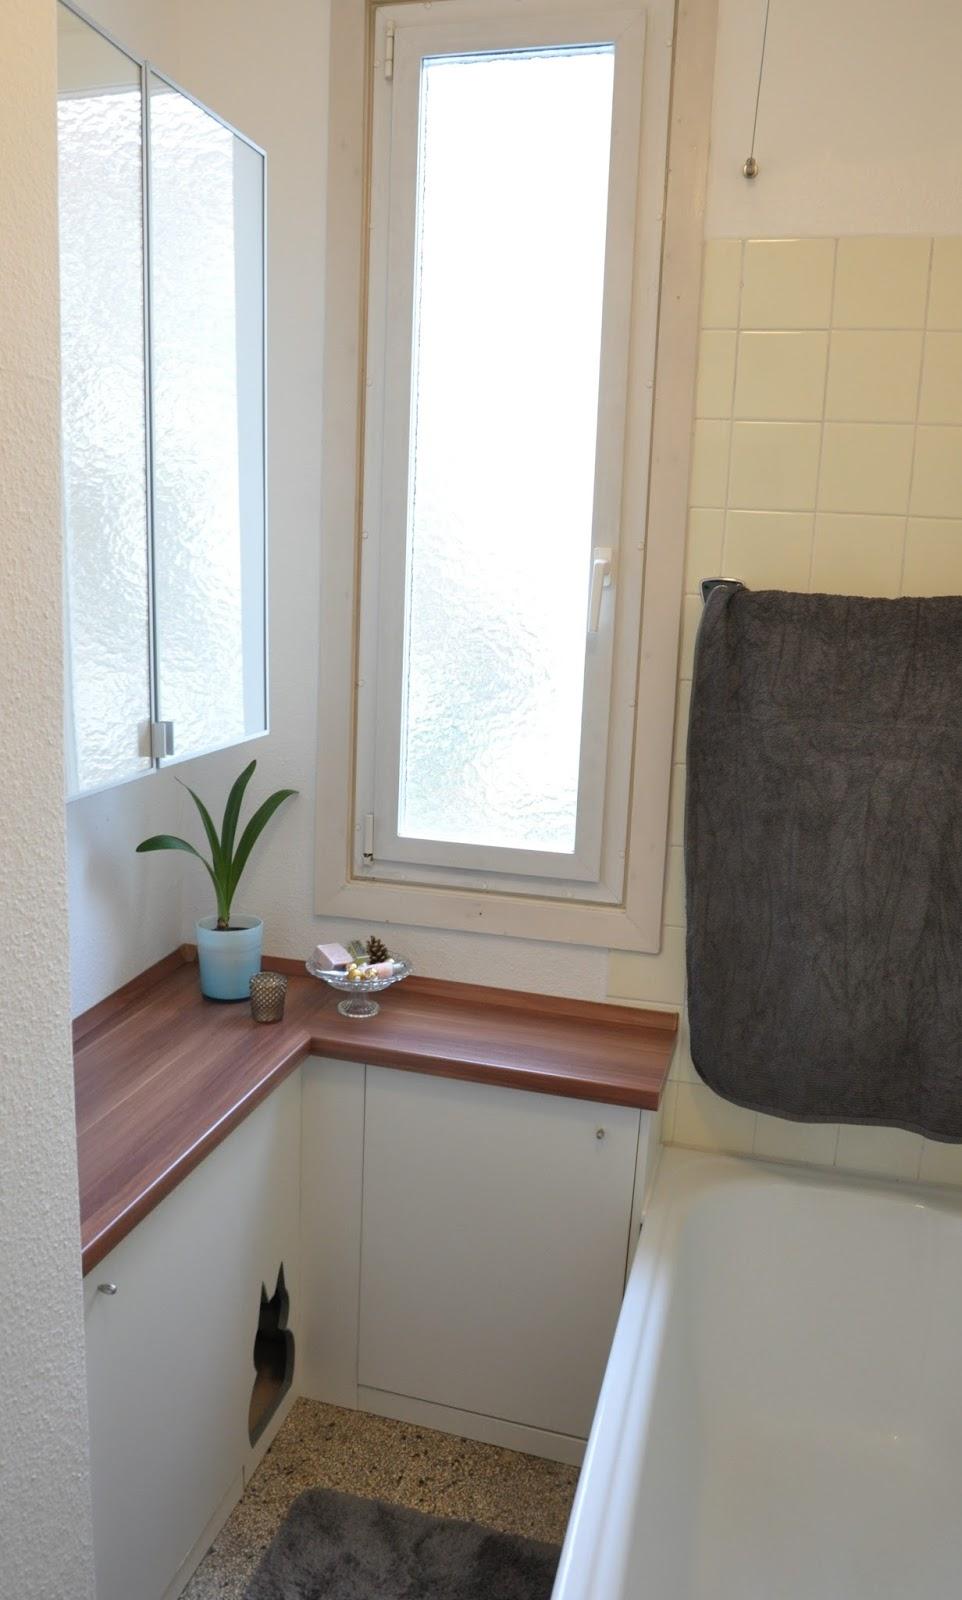 diy - einbauschrank fürs bad (inkl. geheimfach!) - fuchsgestreift